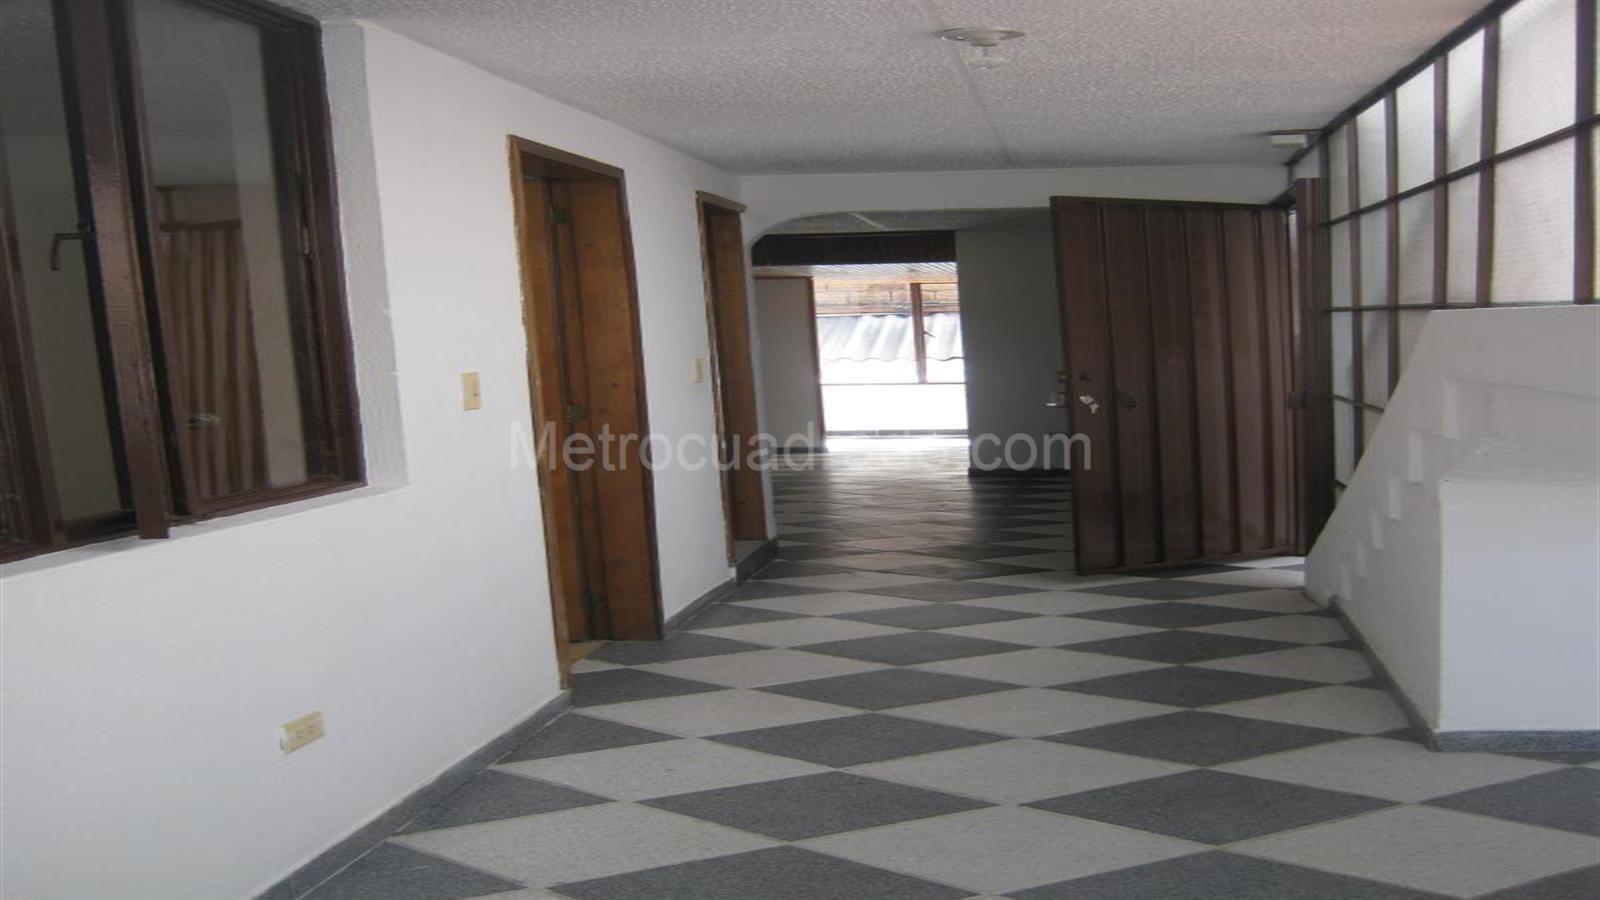 Apartamento En Arriendo En Suba Bogot D C 3 Habitaciones 2  # Muebles Suba Bogota